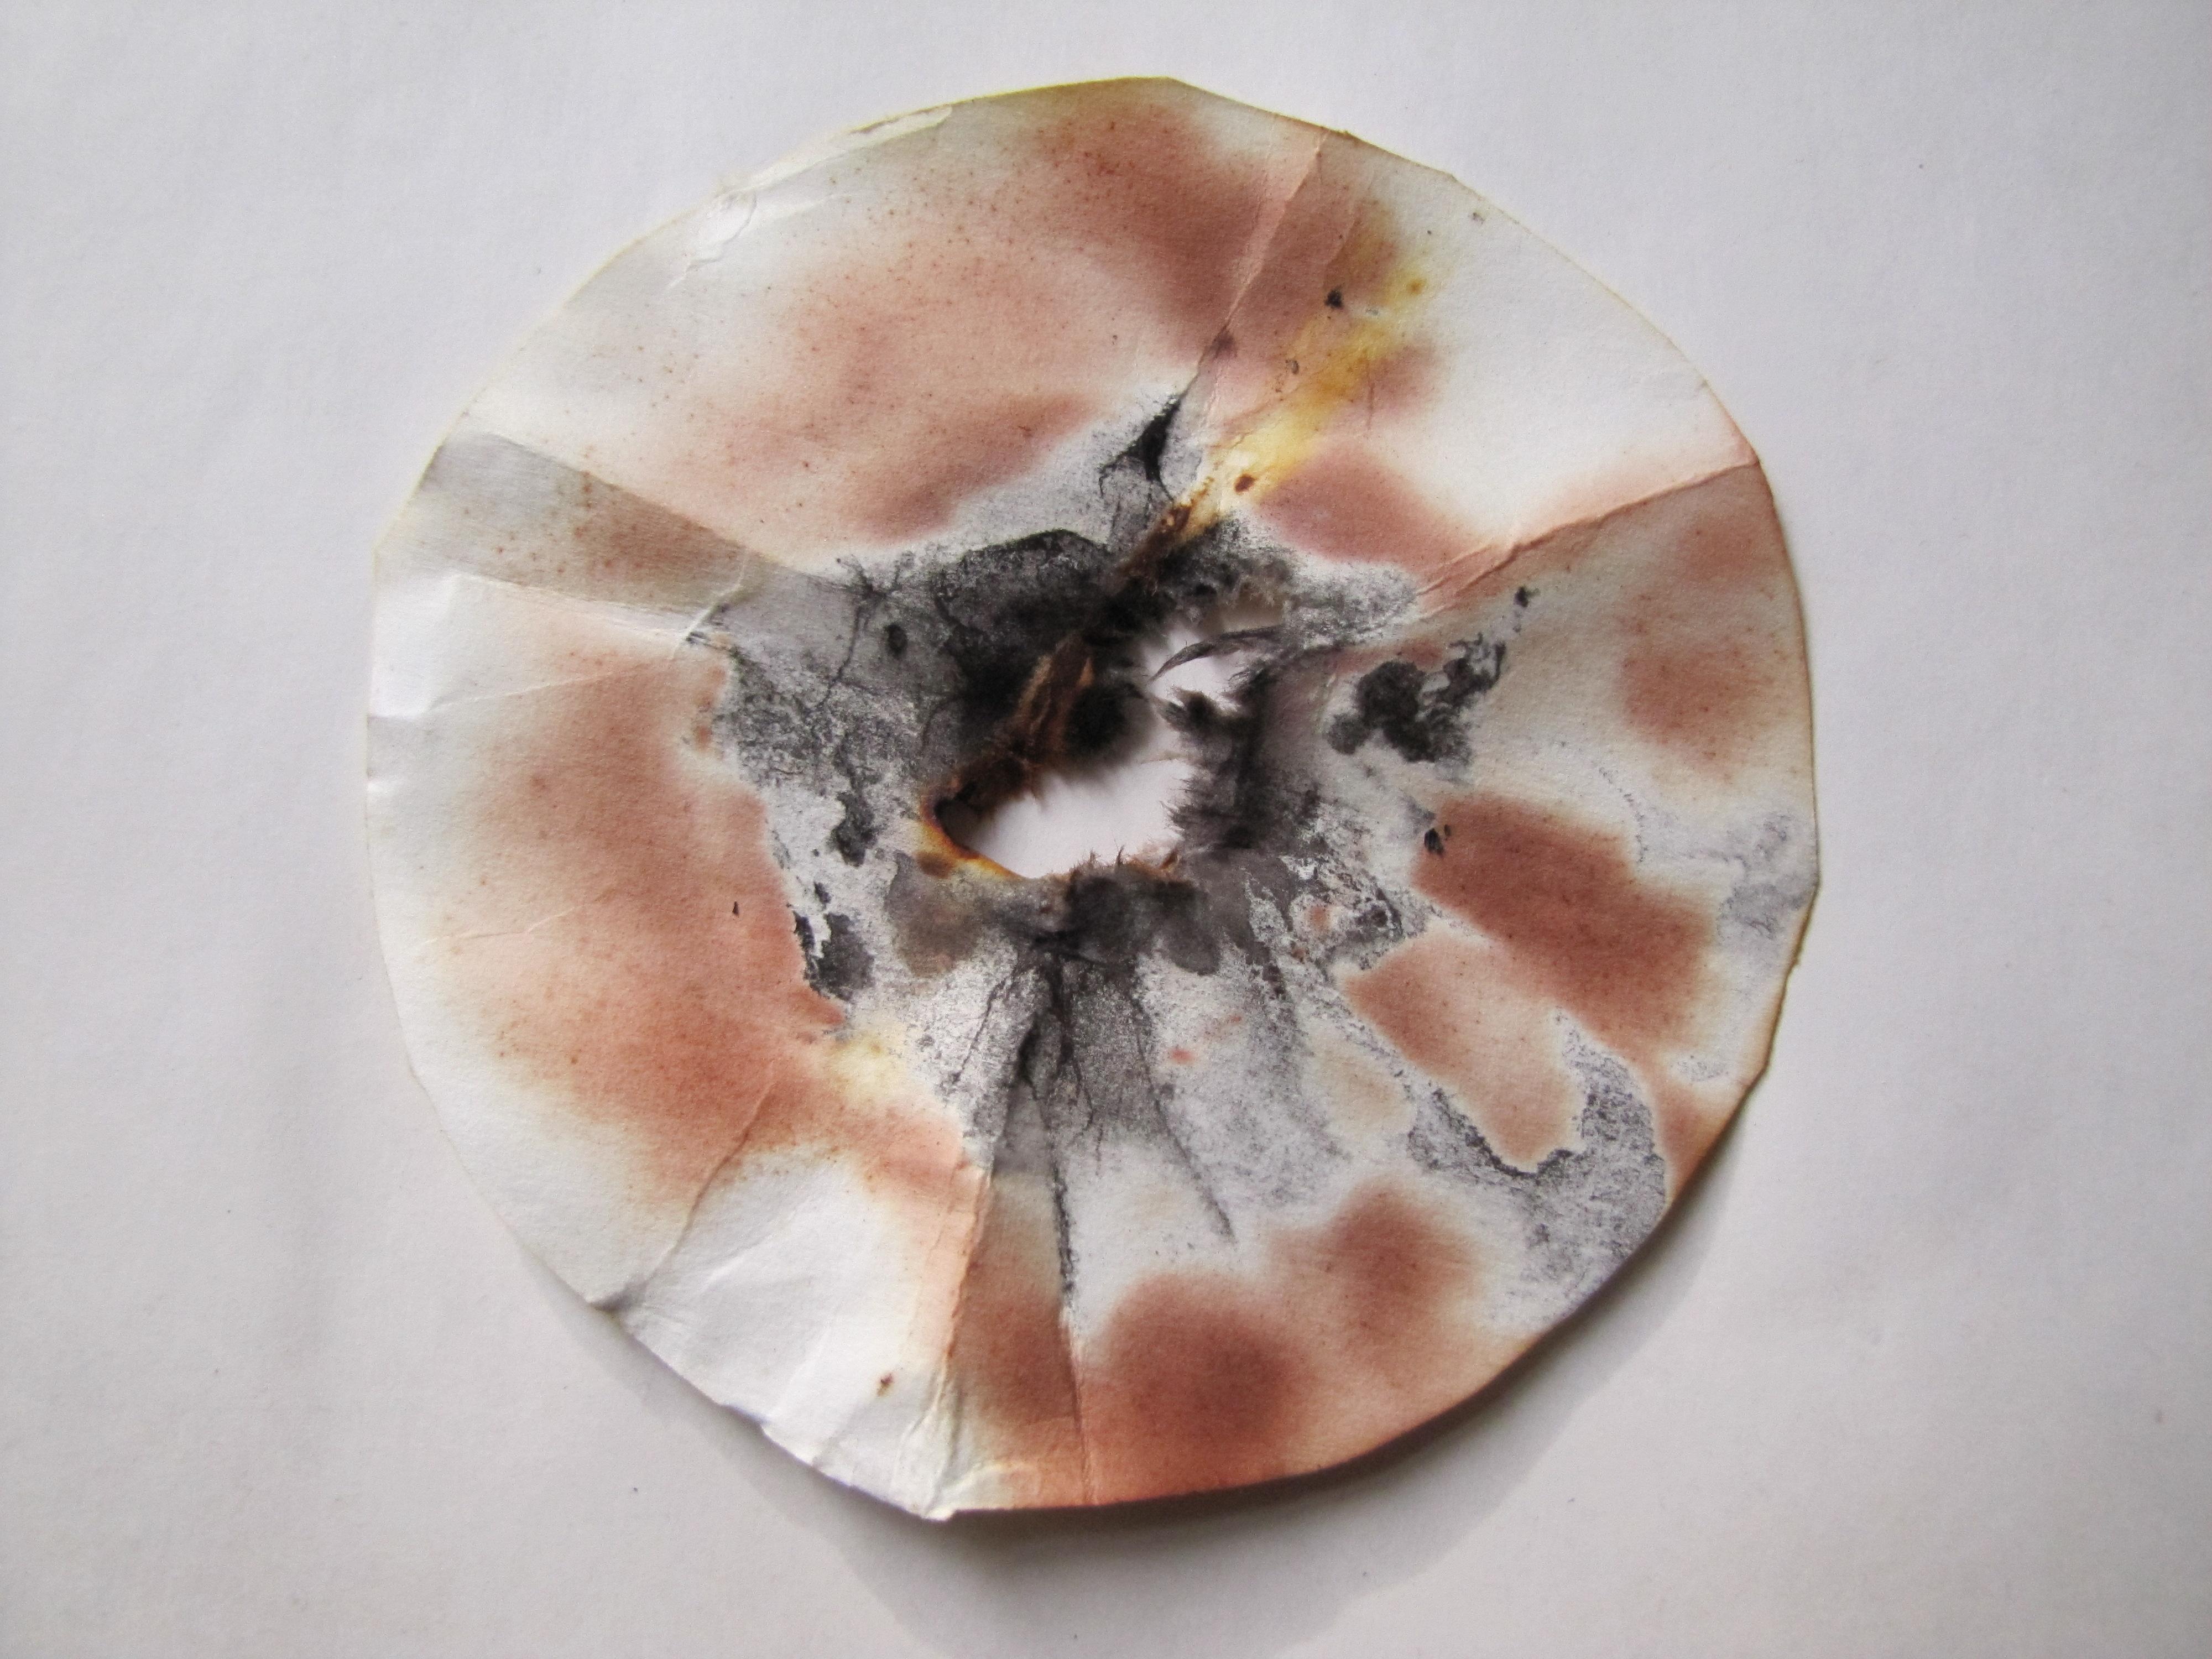 Фильтр после взрыва иодистого азота